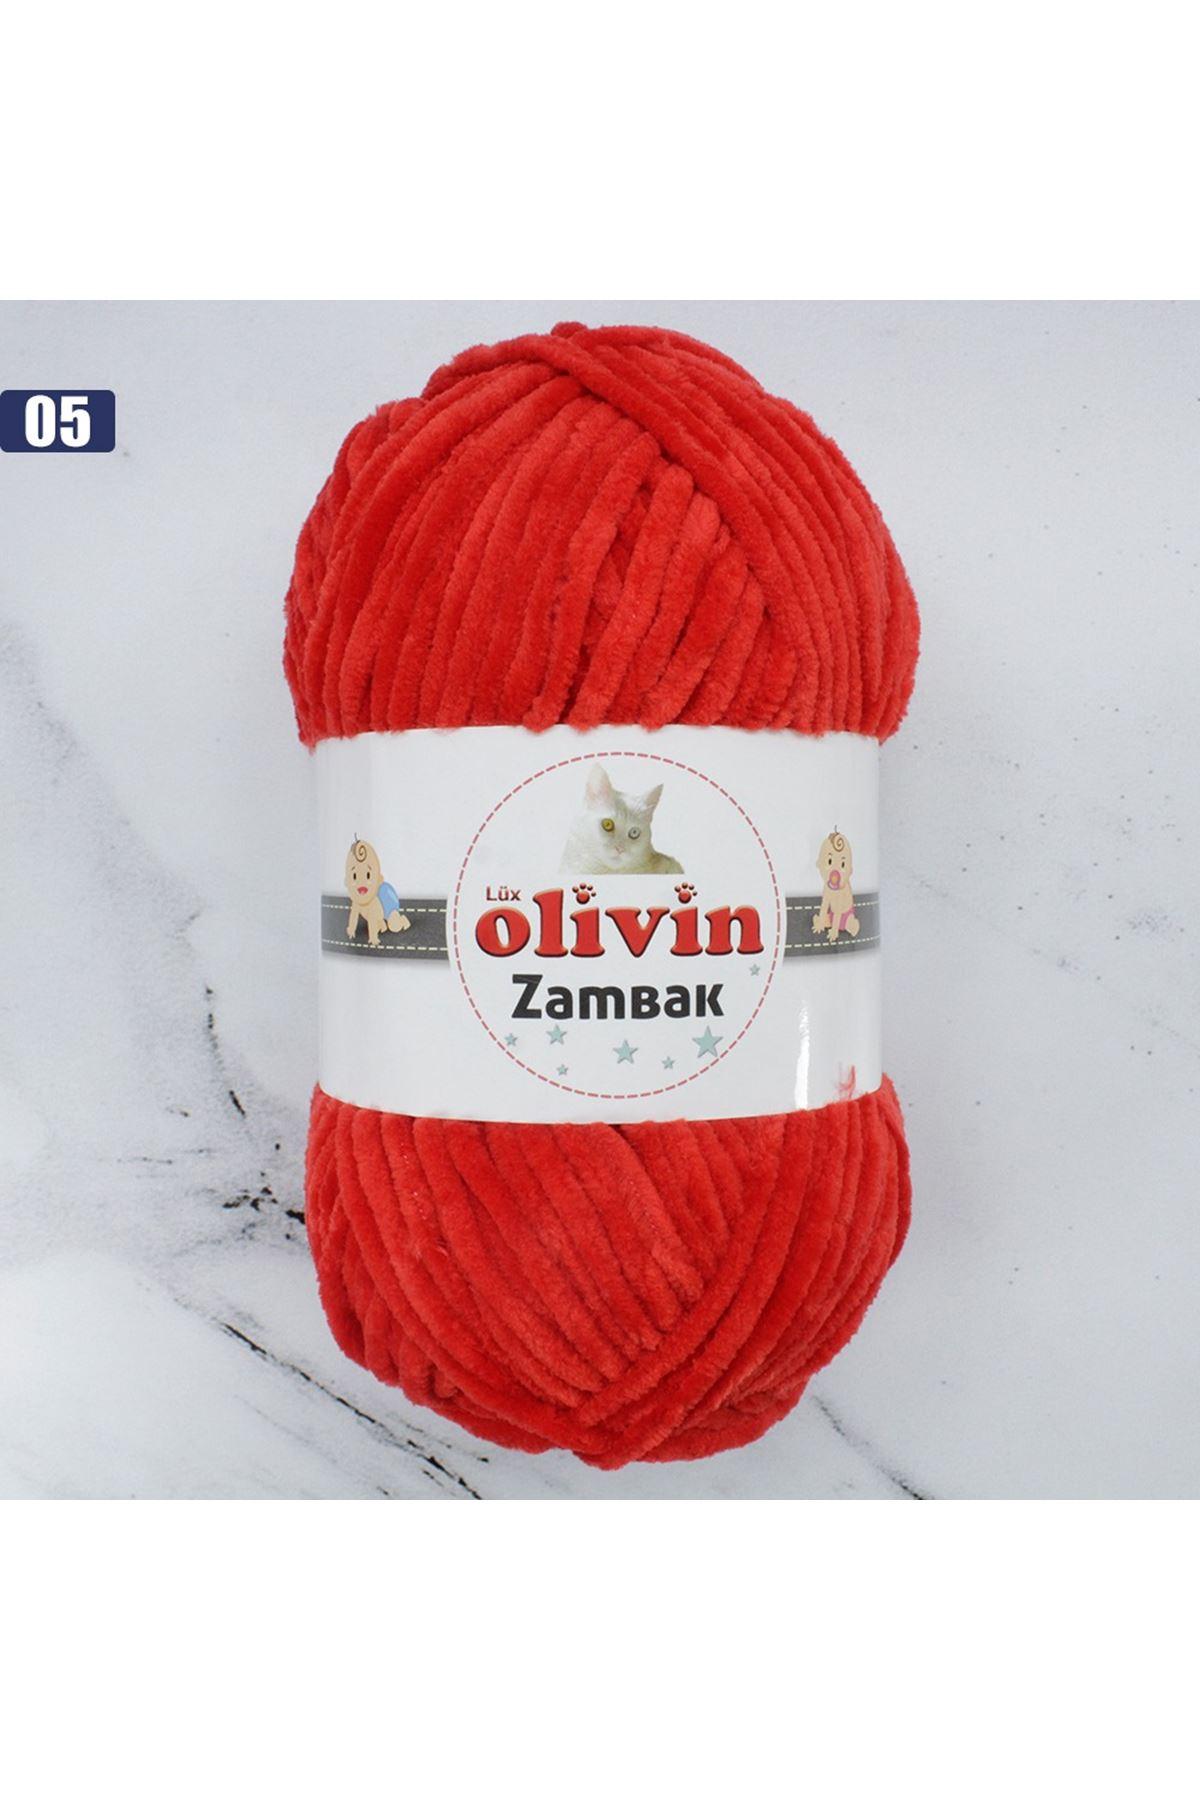 Olivin Zambak 05